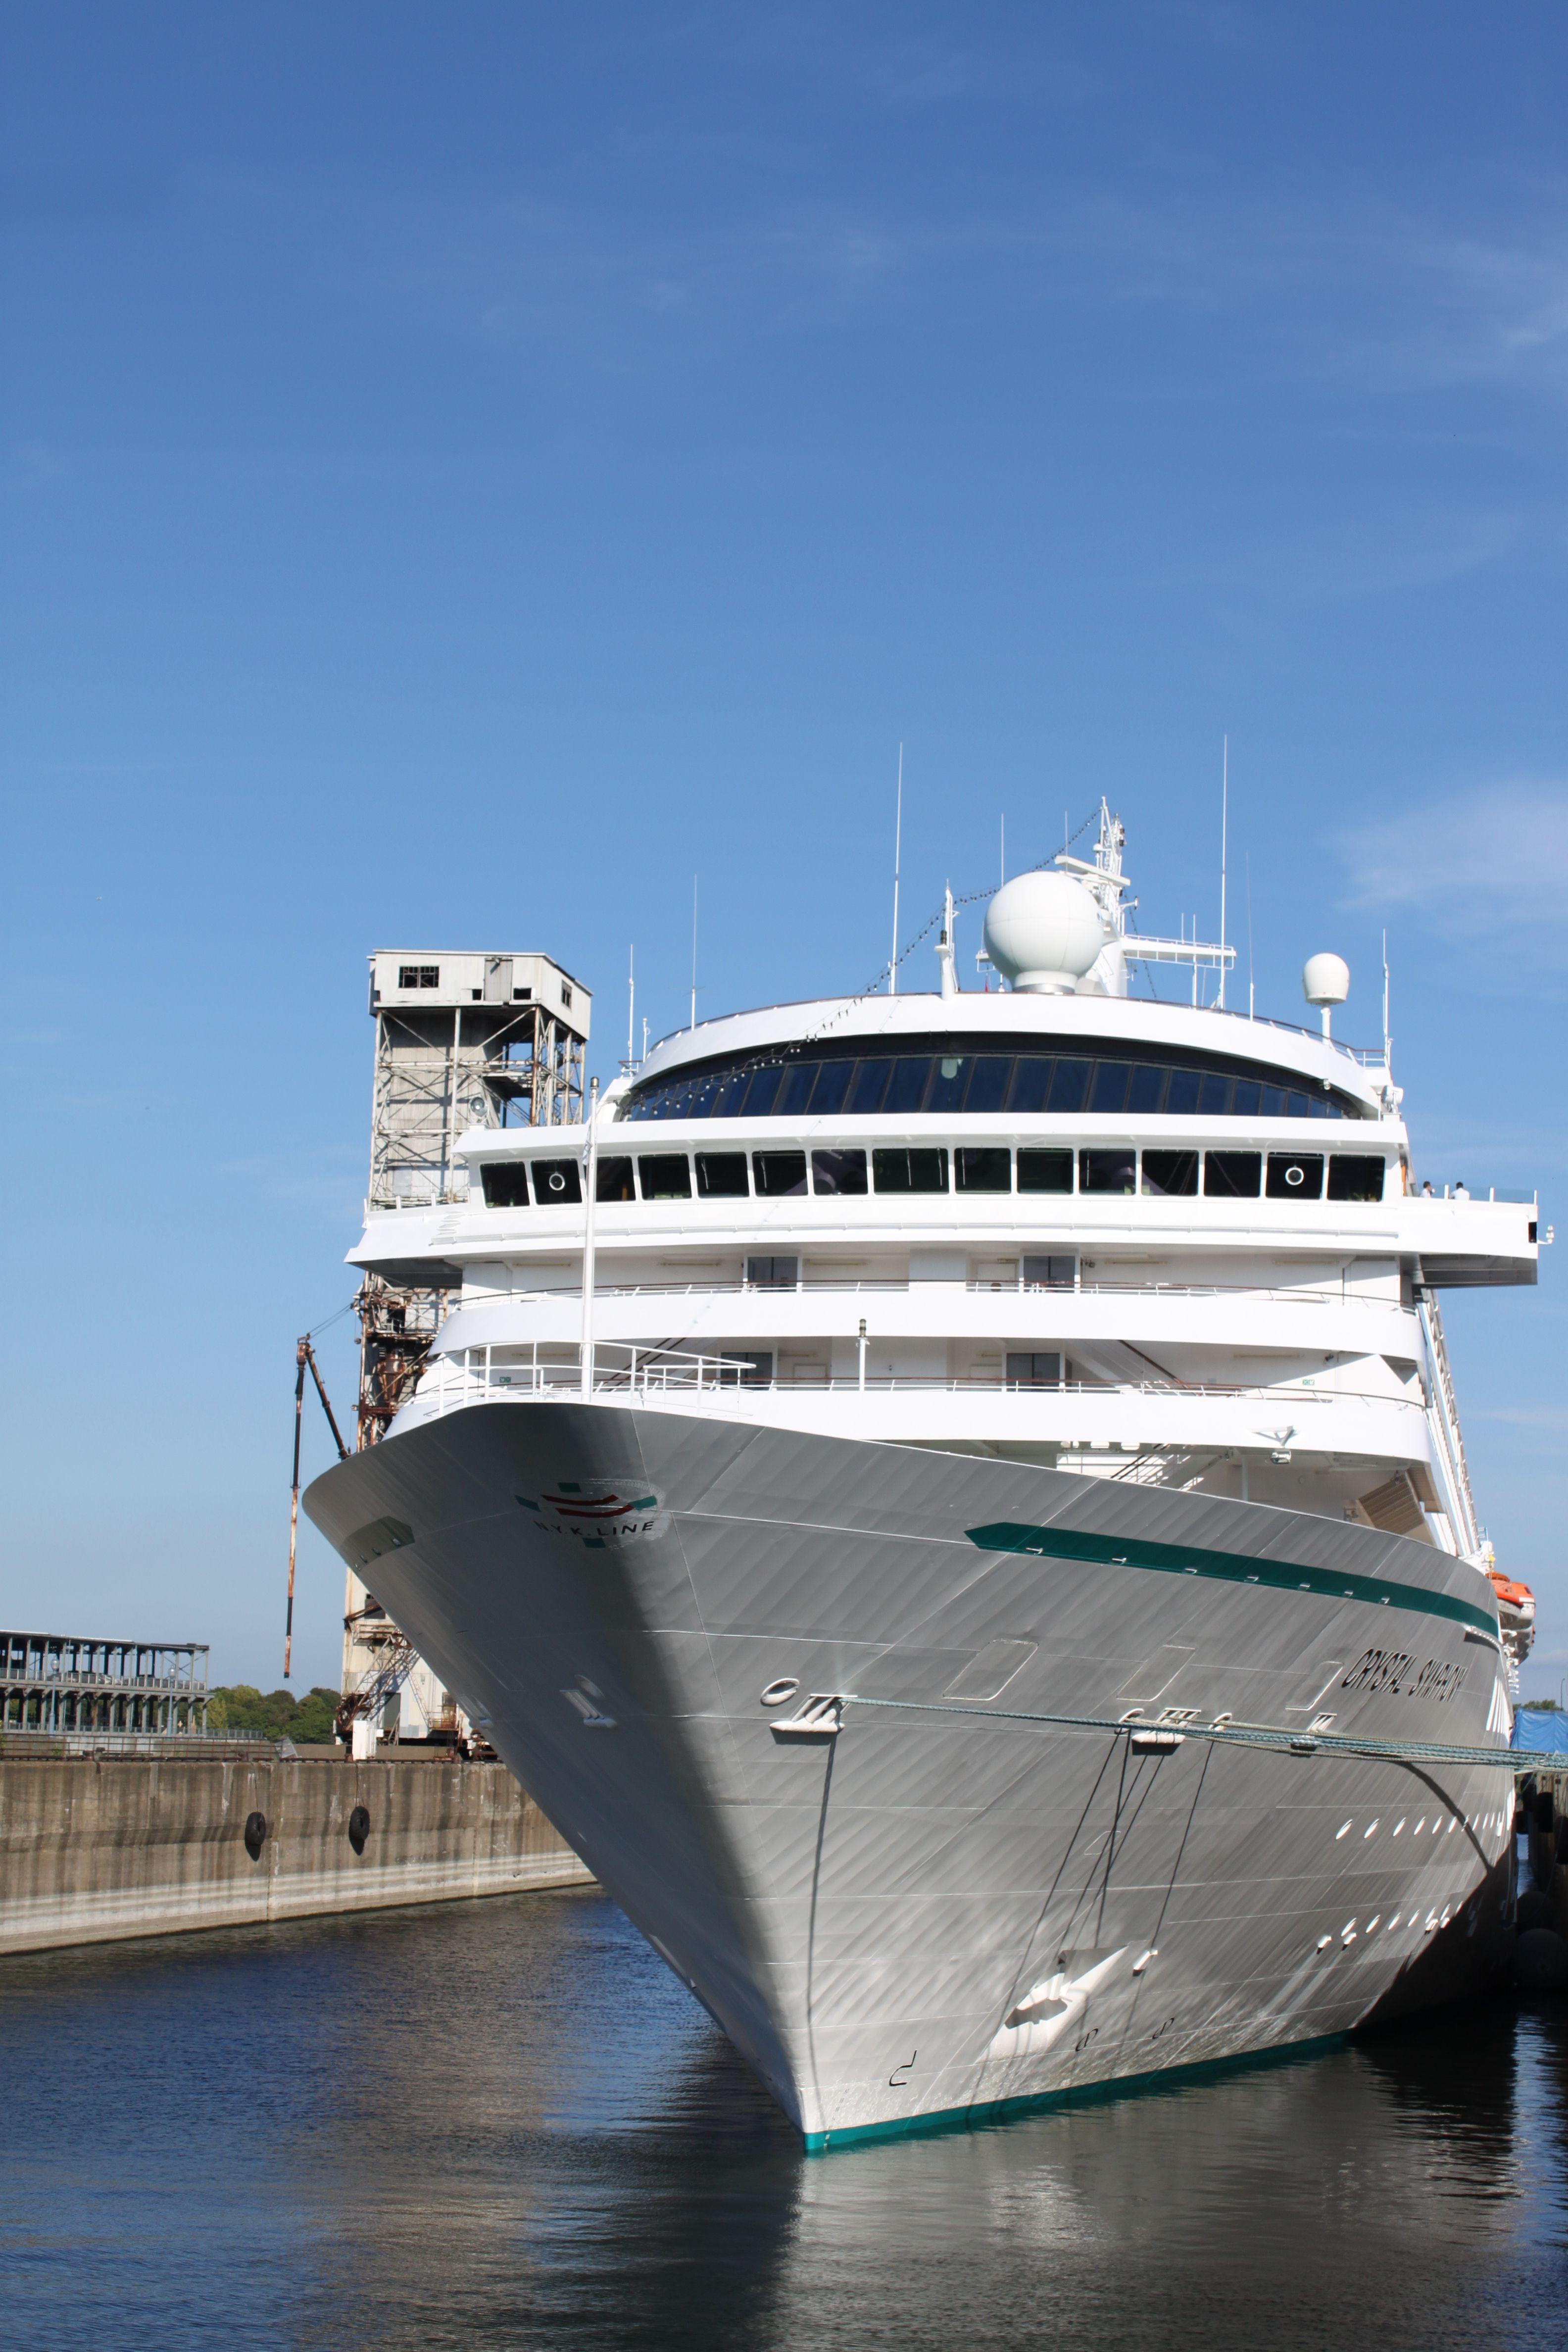 크루즈 선박 Cruise Ship Sarnela Pinterest Cruises - Windsong cruise ship